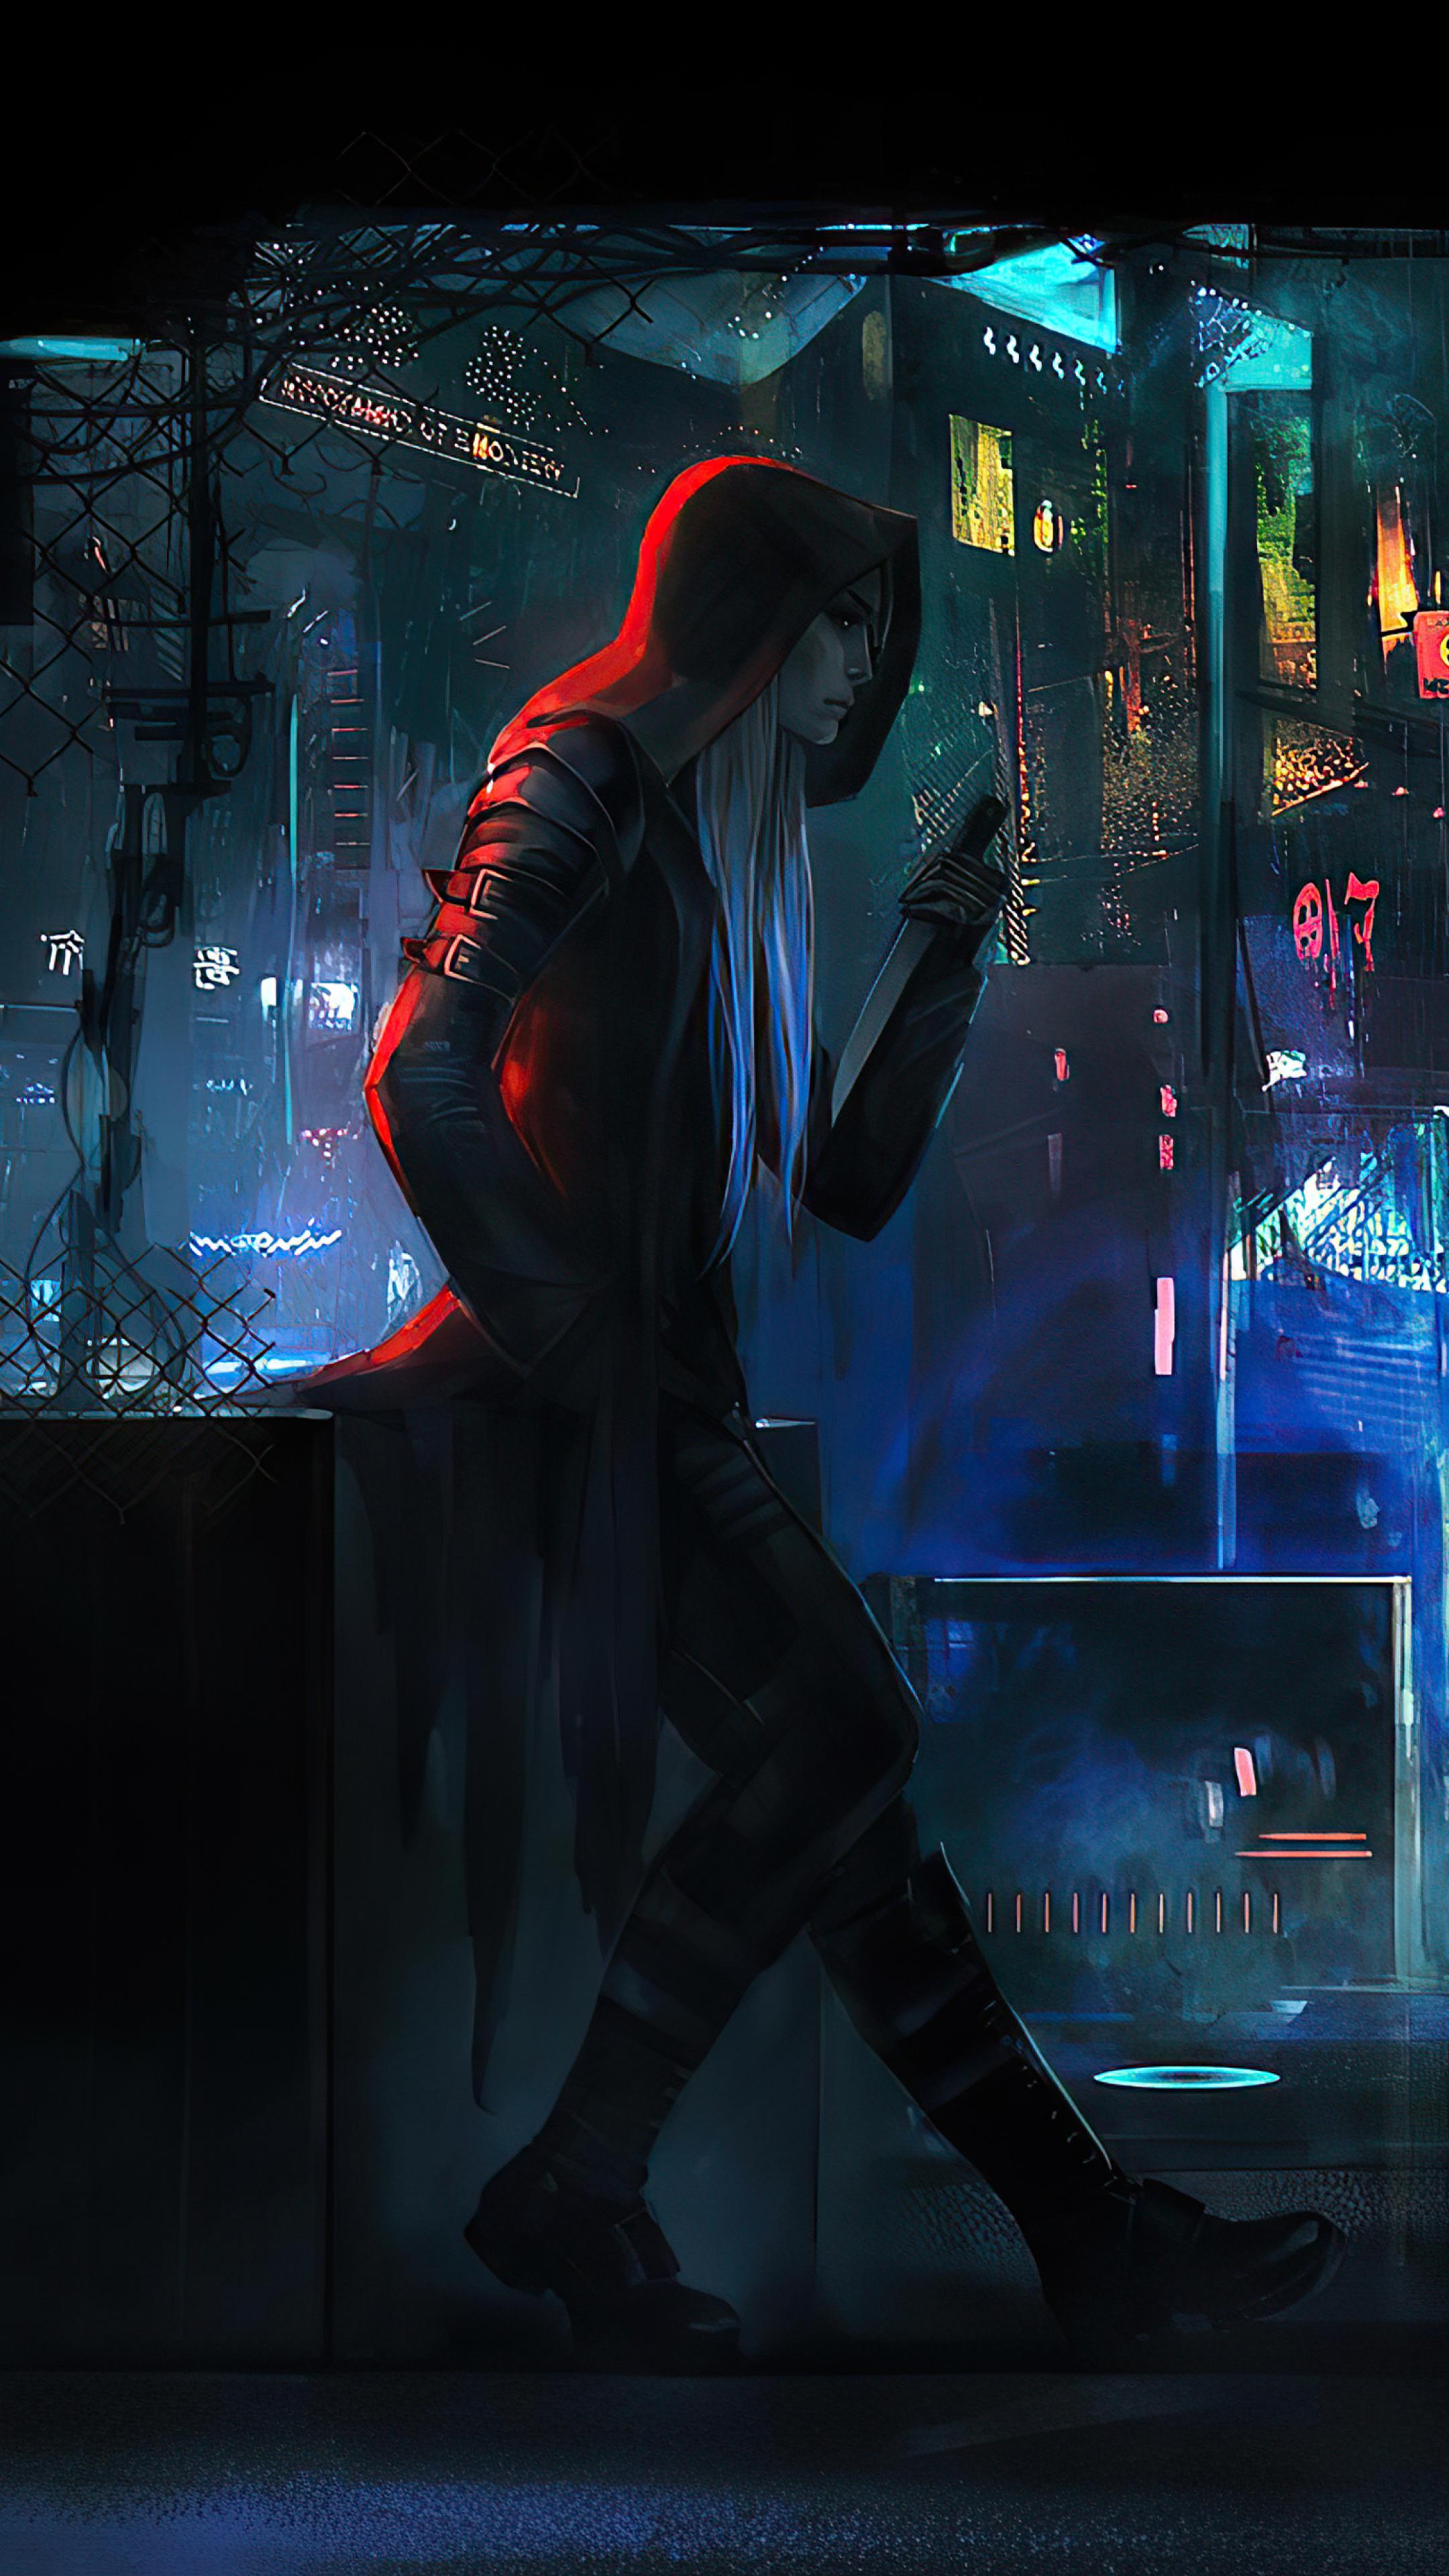 2160x3840 PUBG Girl with Weapon Sony Xperia X,XZ,Z5